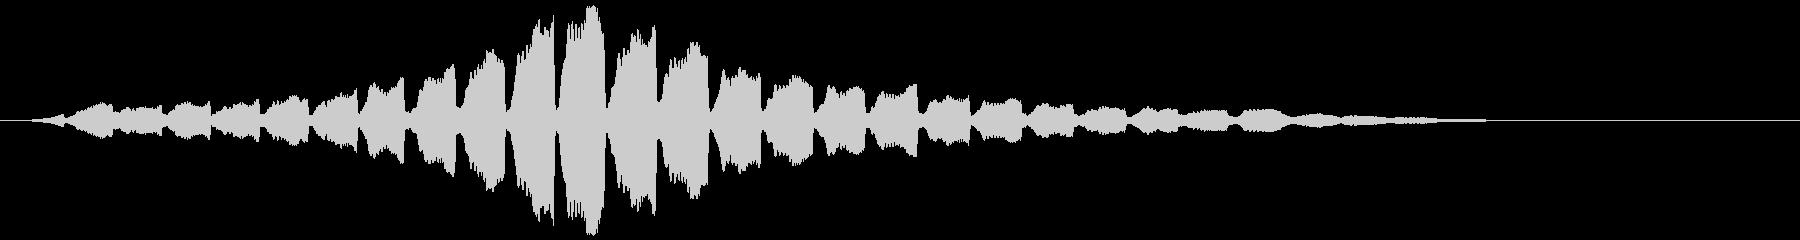 「サイレン」救急車/緊急_003の未再生の波形